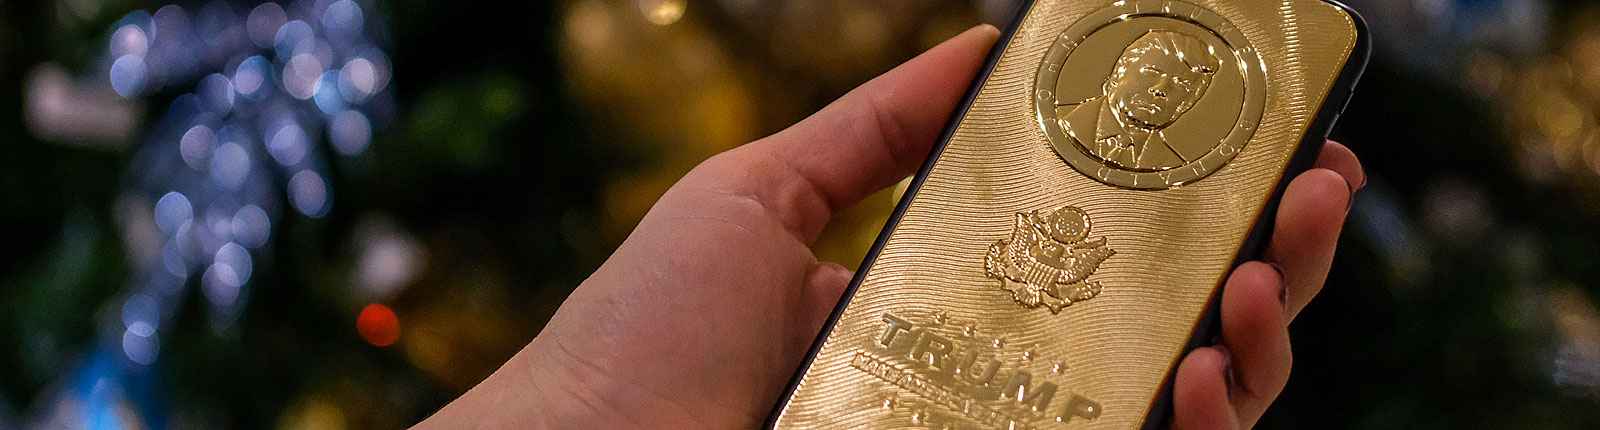 Goldenes Handy mit Trump-Schriftzug und Portrait